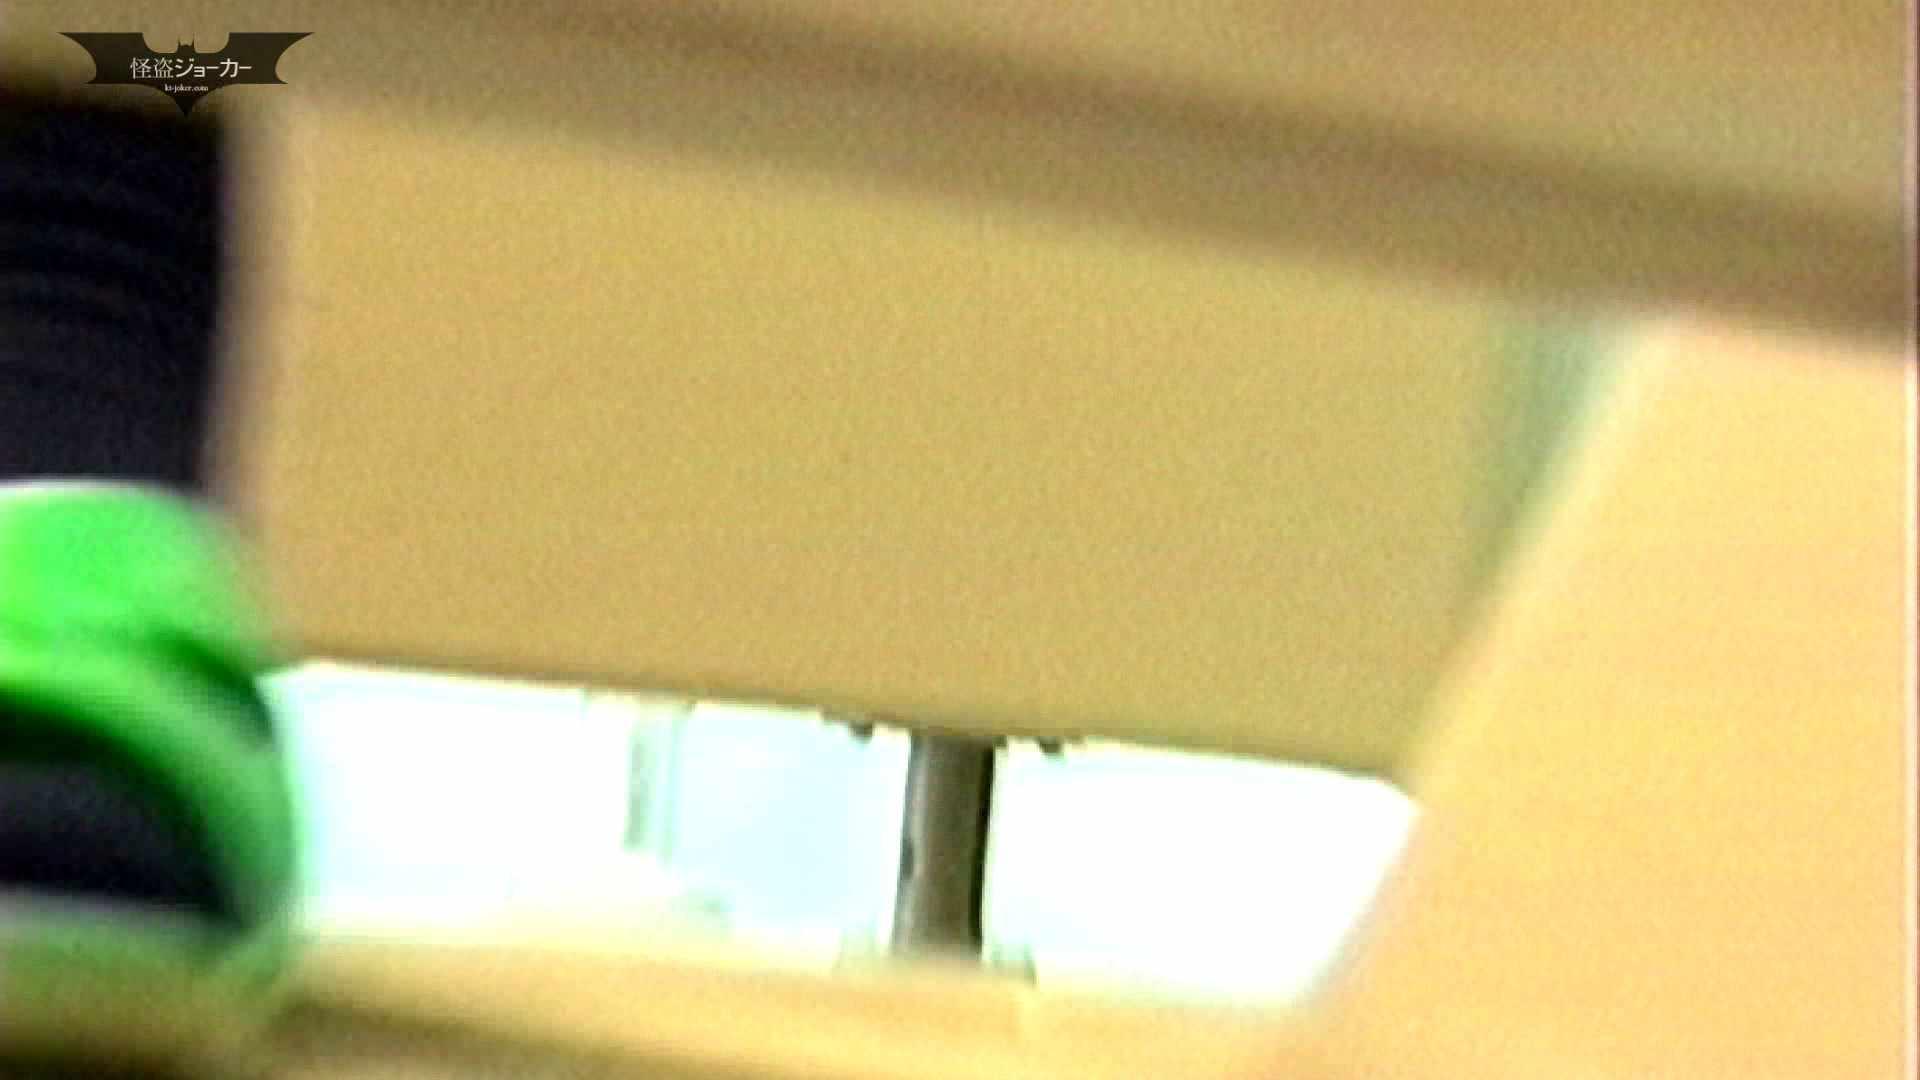 女の子の休み時間のひととき Vol.06 盗撮   美肌  86画像 64